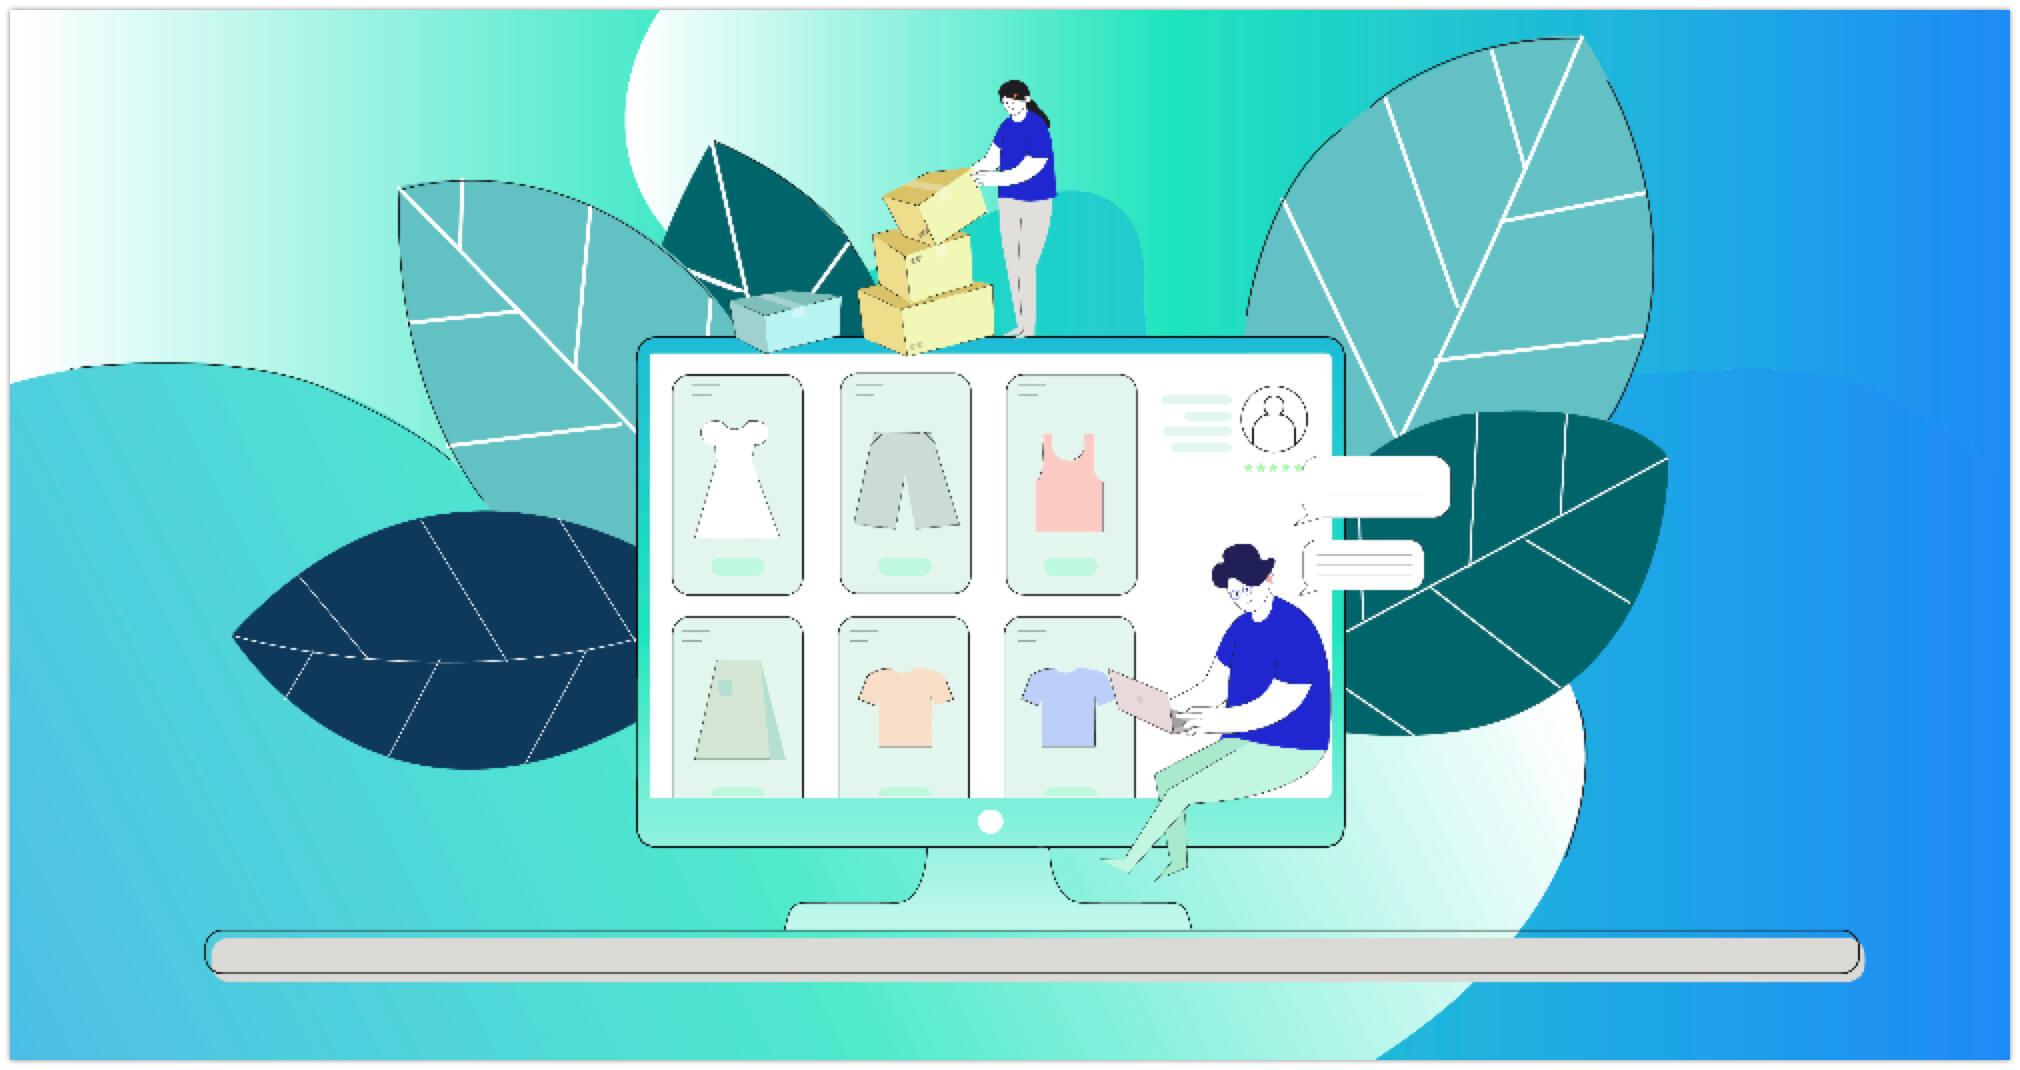 thiết kế Website bán hàng đẹp mắt